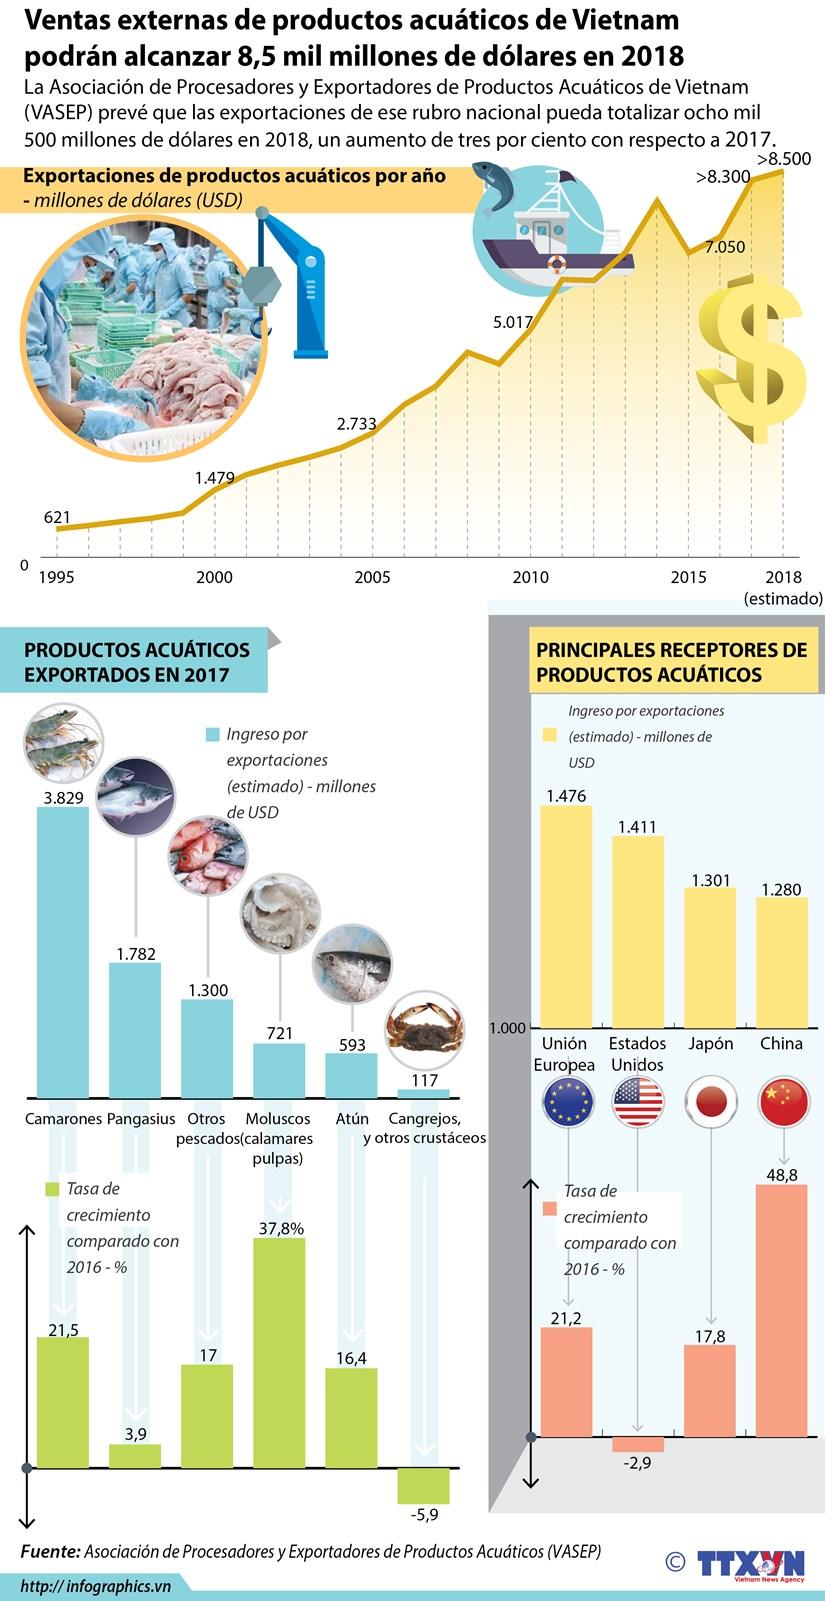 Ventas externas de productos acuaticos de Vietnam podran alcanzar 8,5 mil millones de USD en 2018 hinh anh 1